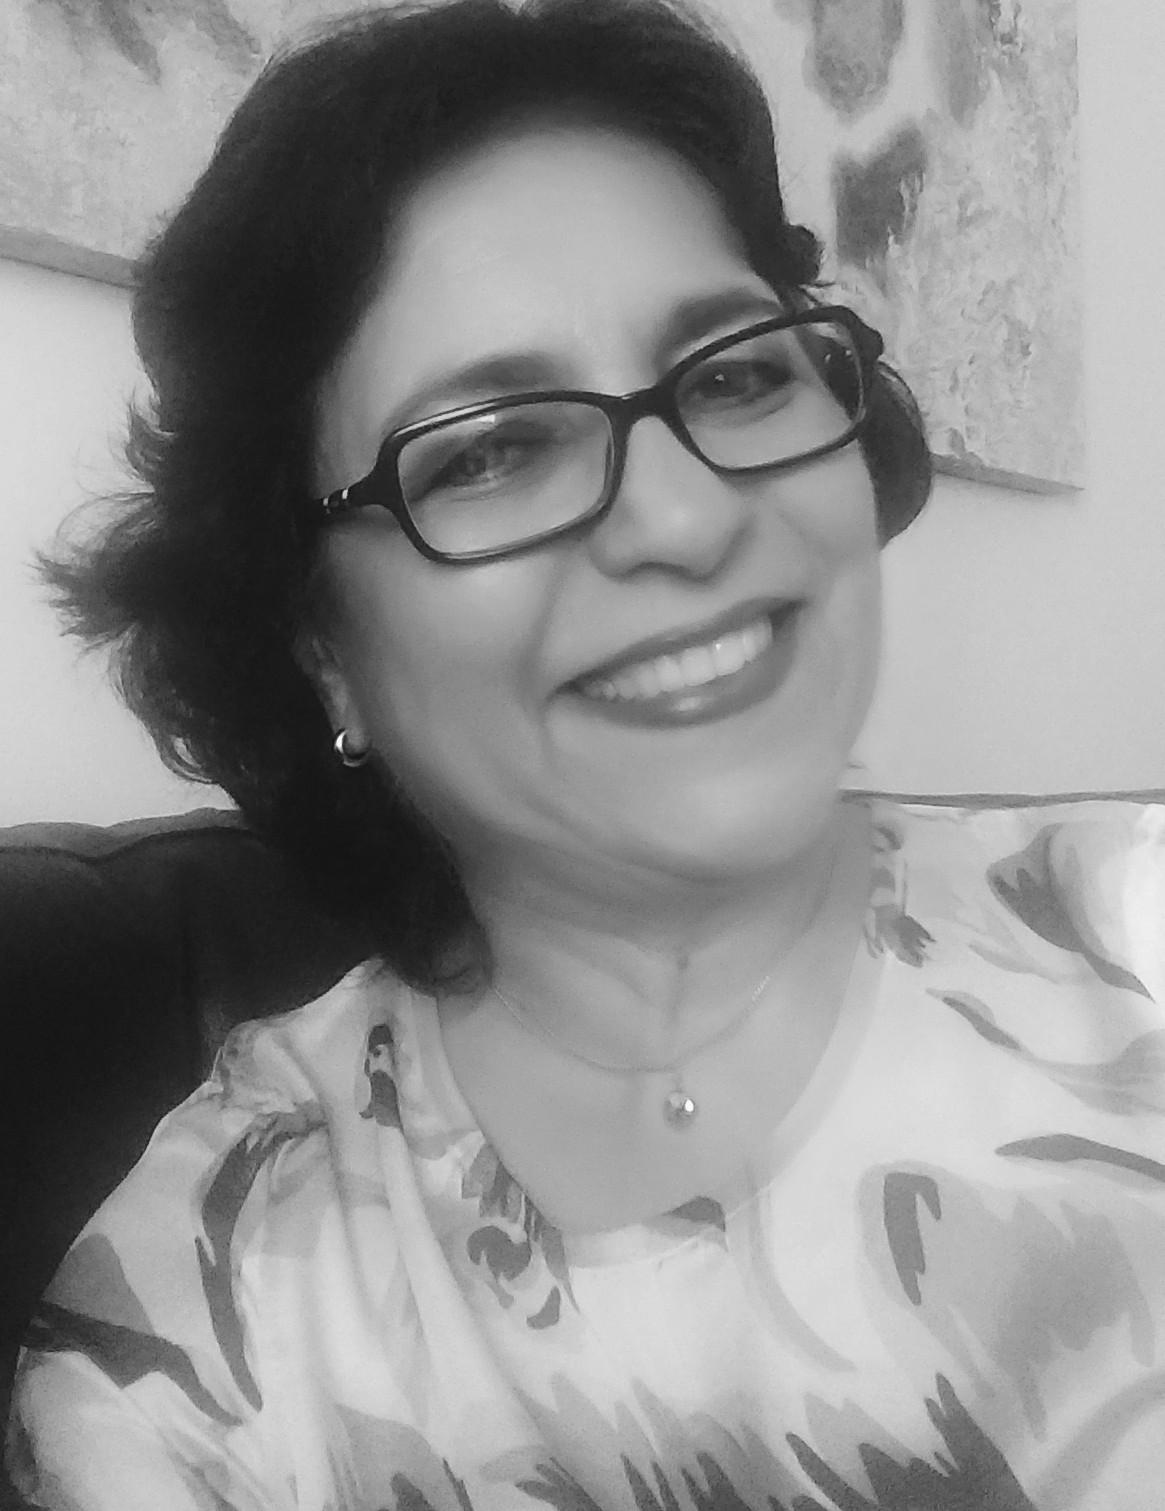 Teresa Cristina Oliveira